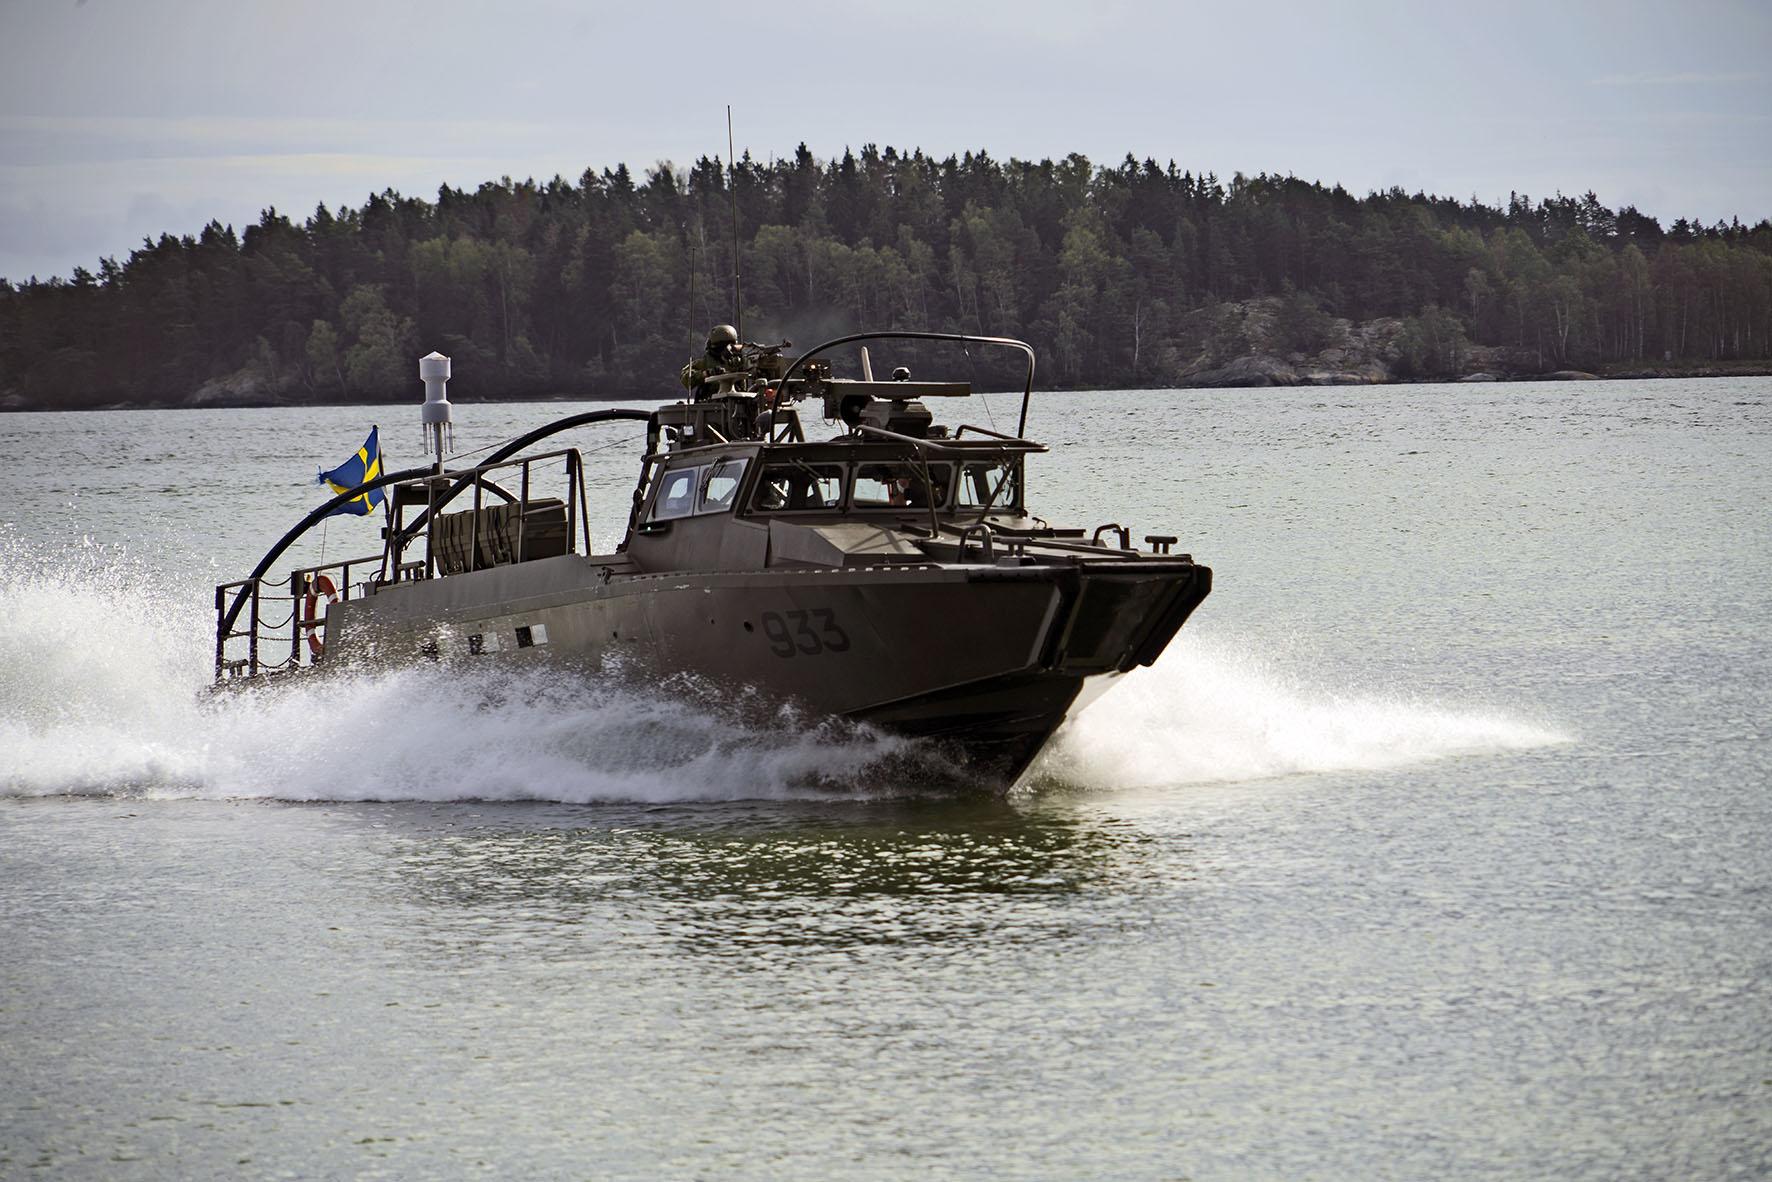 Hela stridsbåtssystemet behöver förnyas med början inom en tio- till femtonårsperiod.  Foto: Olle Neckman.